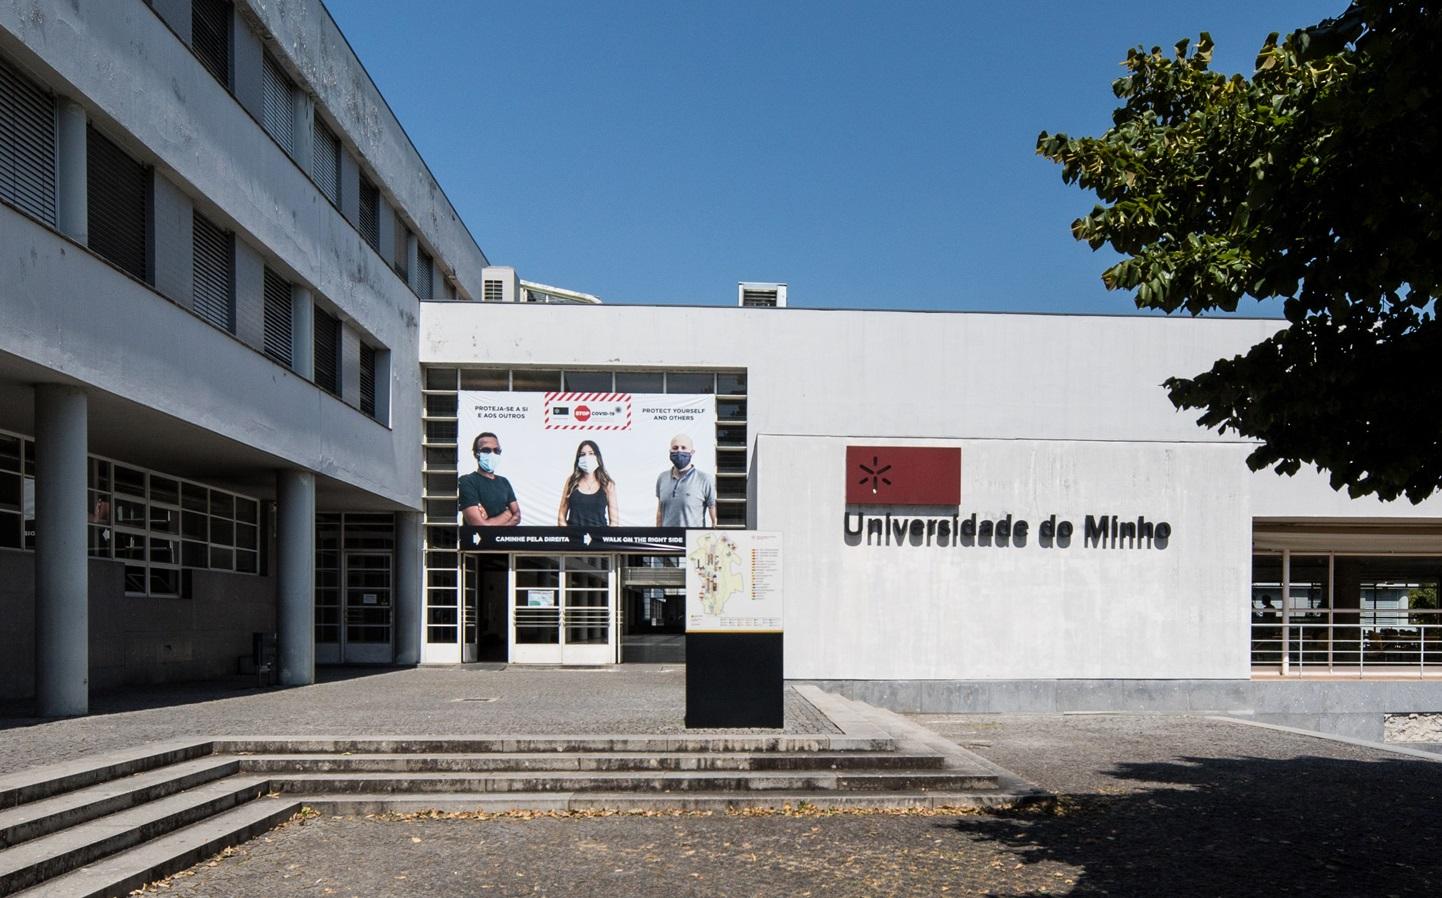 Escola de Engenharia da UMinho - campus de Azurém, Guimarães